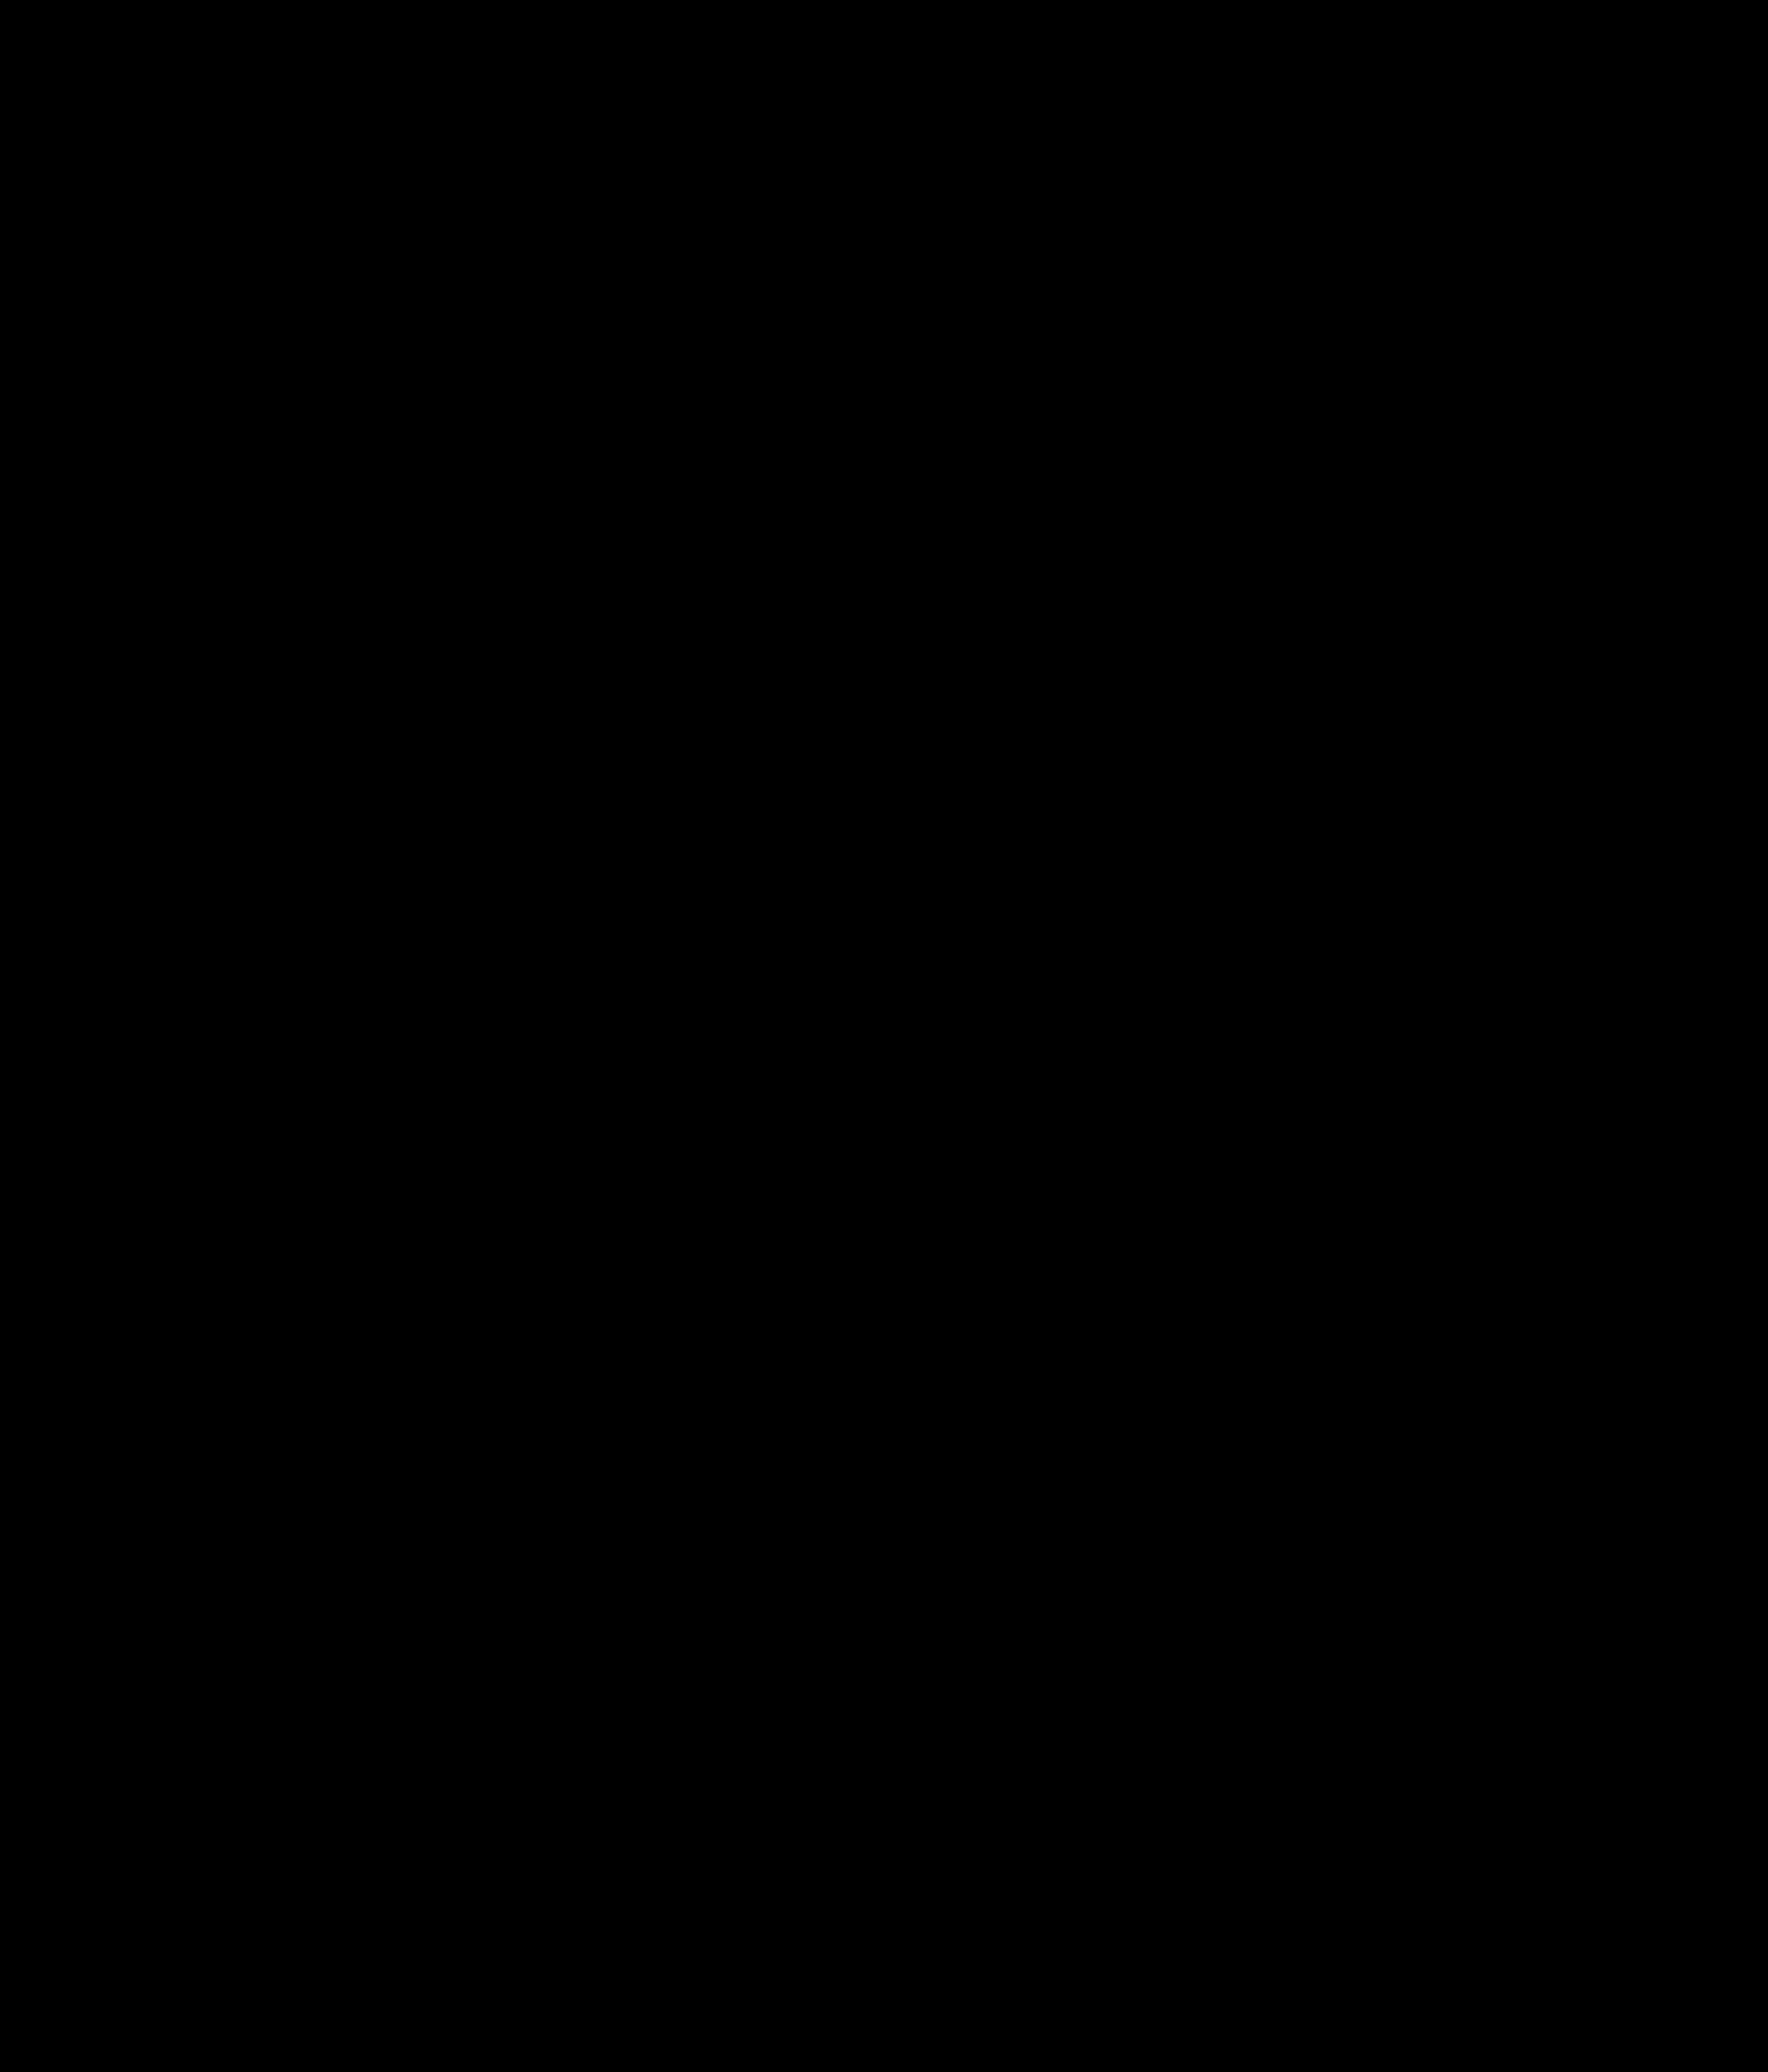 Gambar Tembak Burung Sorğusuna Uyğun şekilleri Pulsuz Yükle Bedava